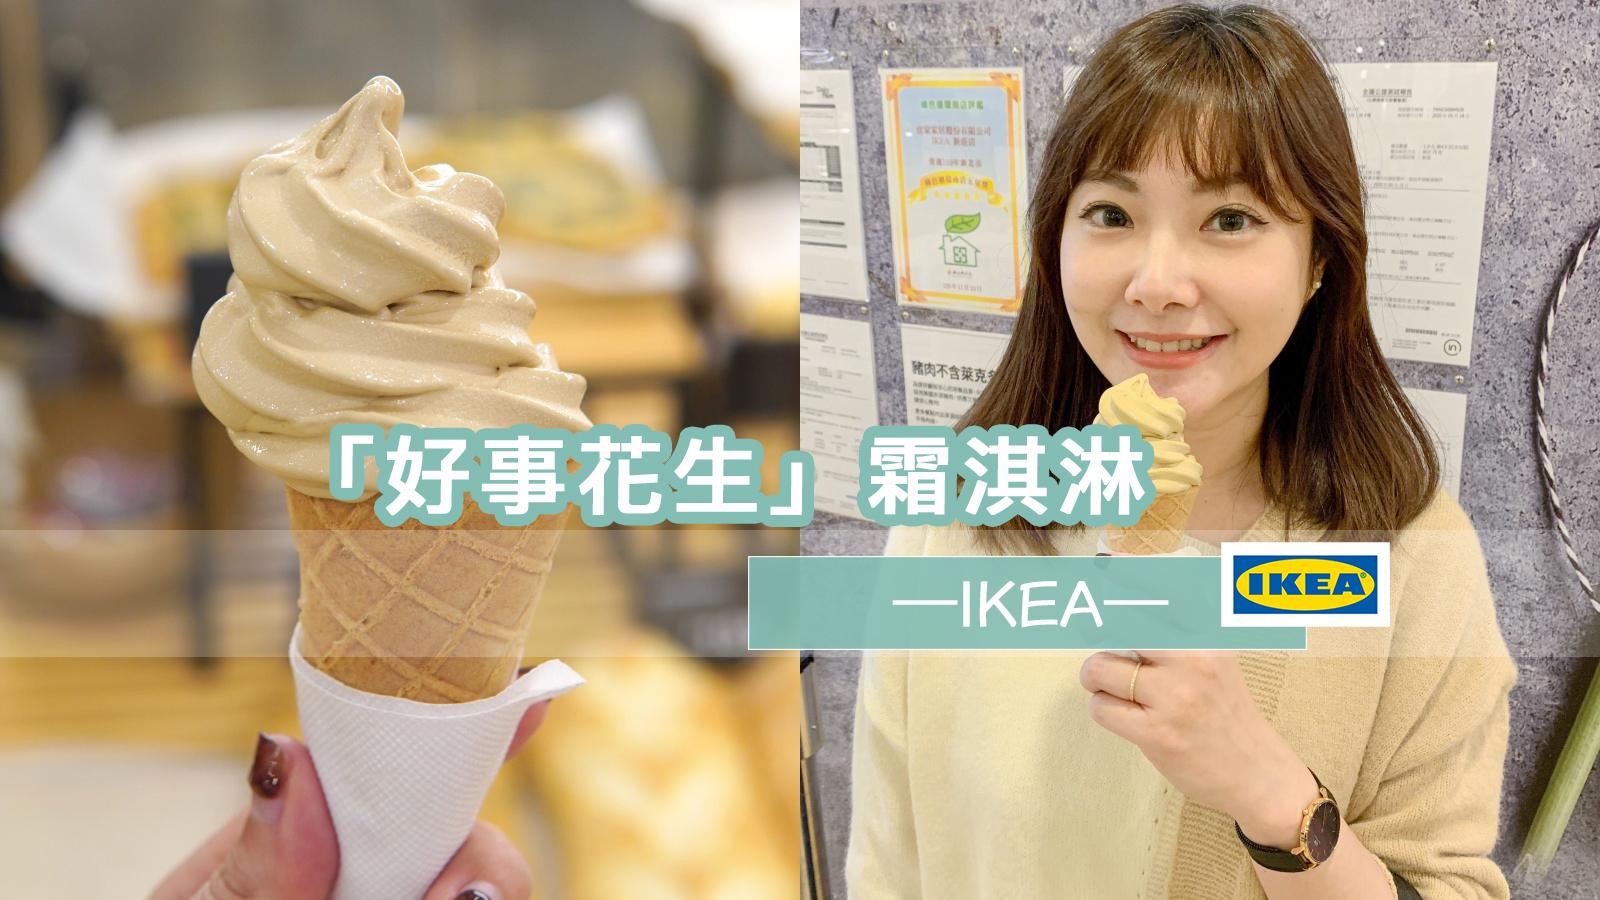 ☆【宜家】IKEA驚為天人霜淇淋新口味「好事花生」!隱藏吃法「花生冰狗」 @凱的日本食尚日記